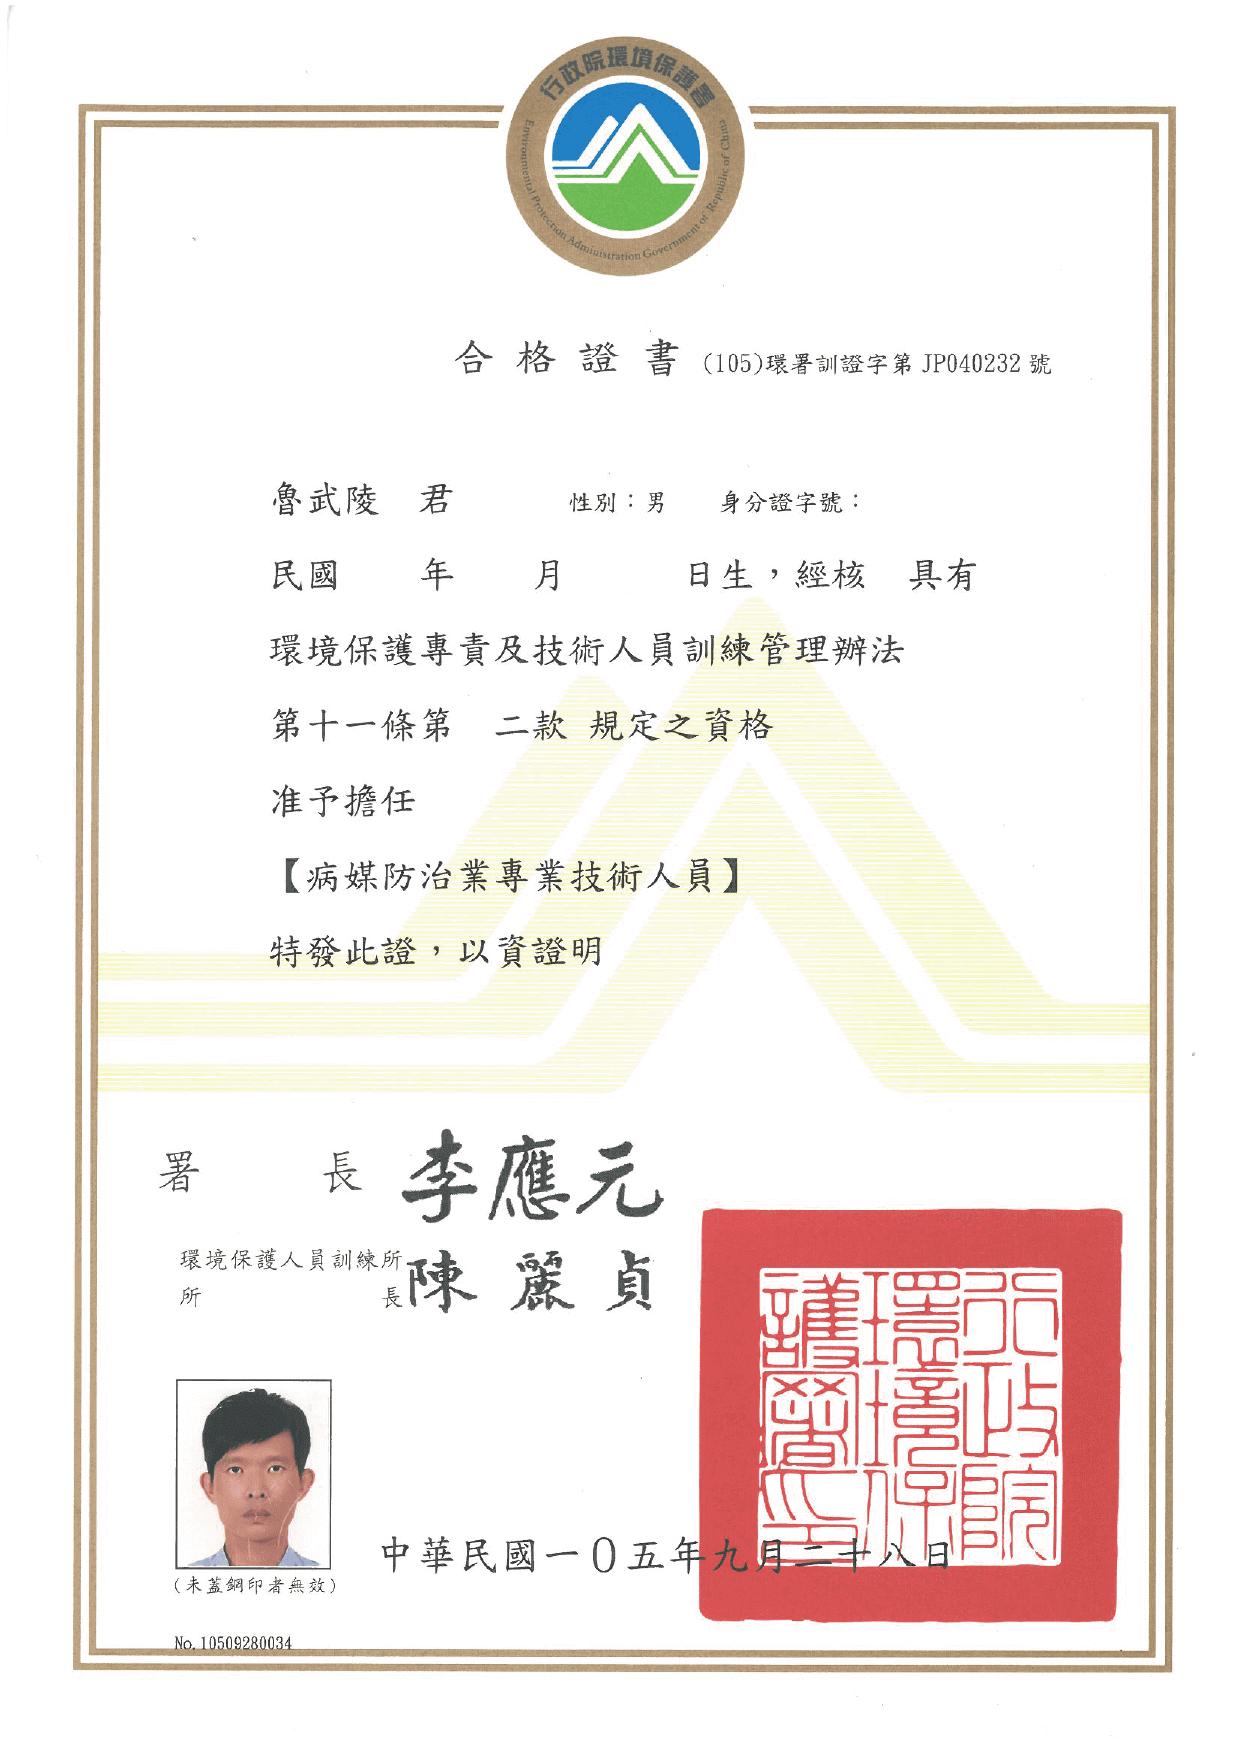 病媒防治人員合格證書_魯武陵